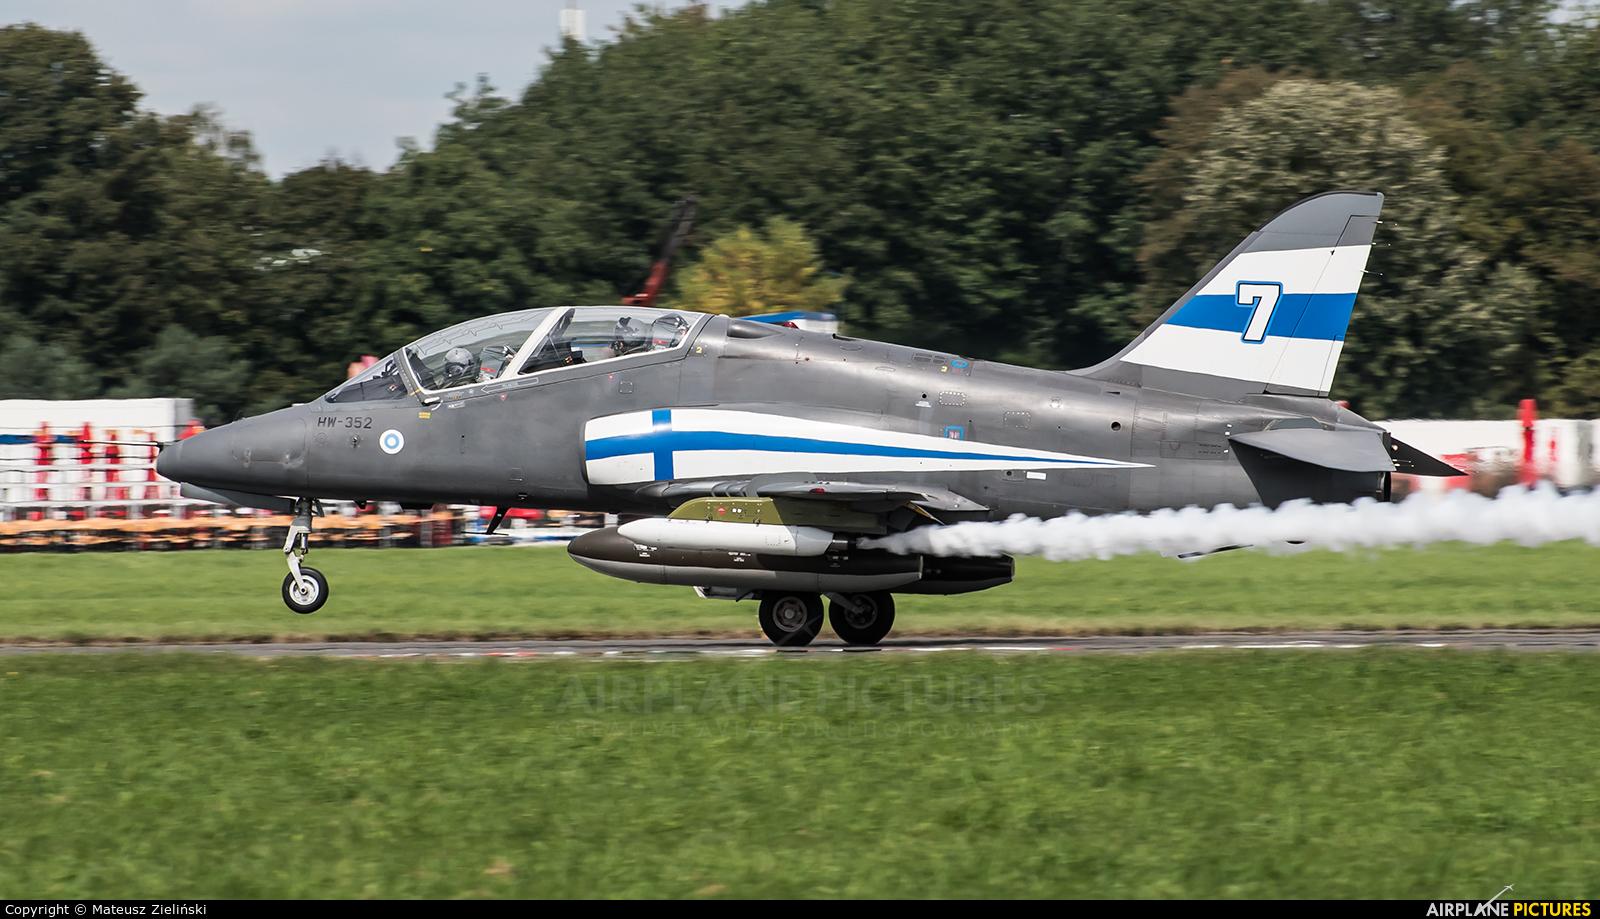 Finland - Air Force HW-352 aircraft at Radom - Sadków